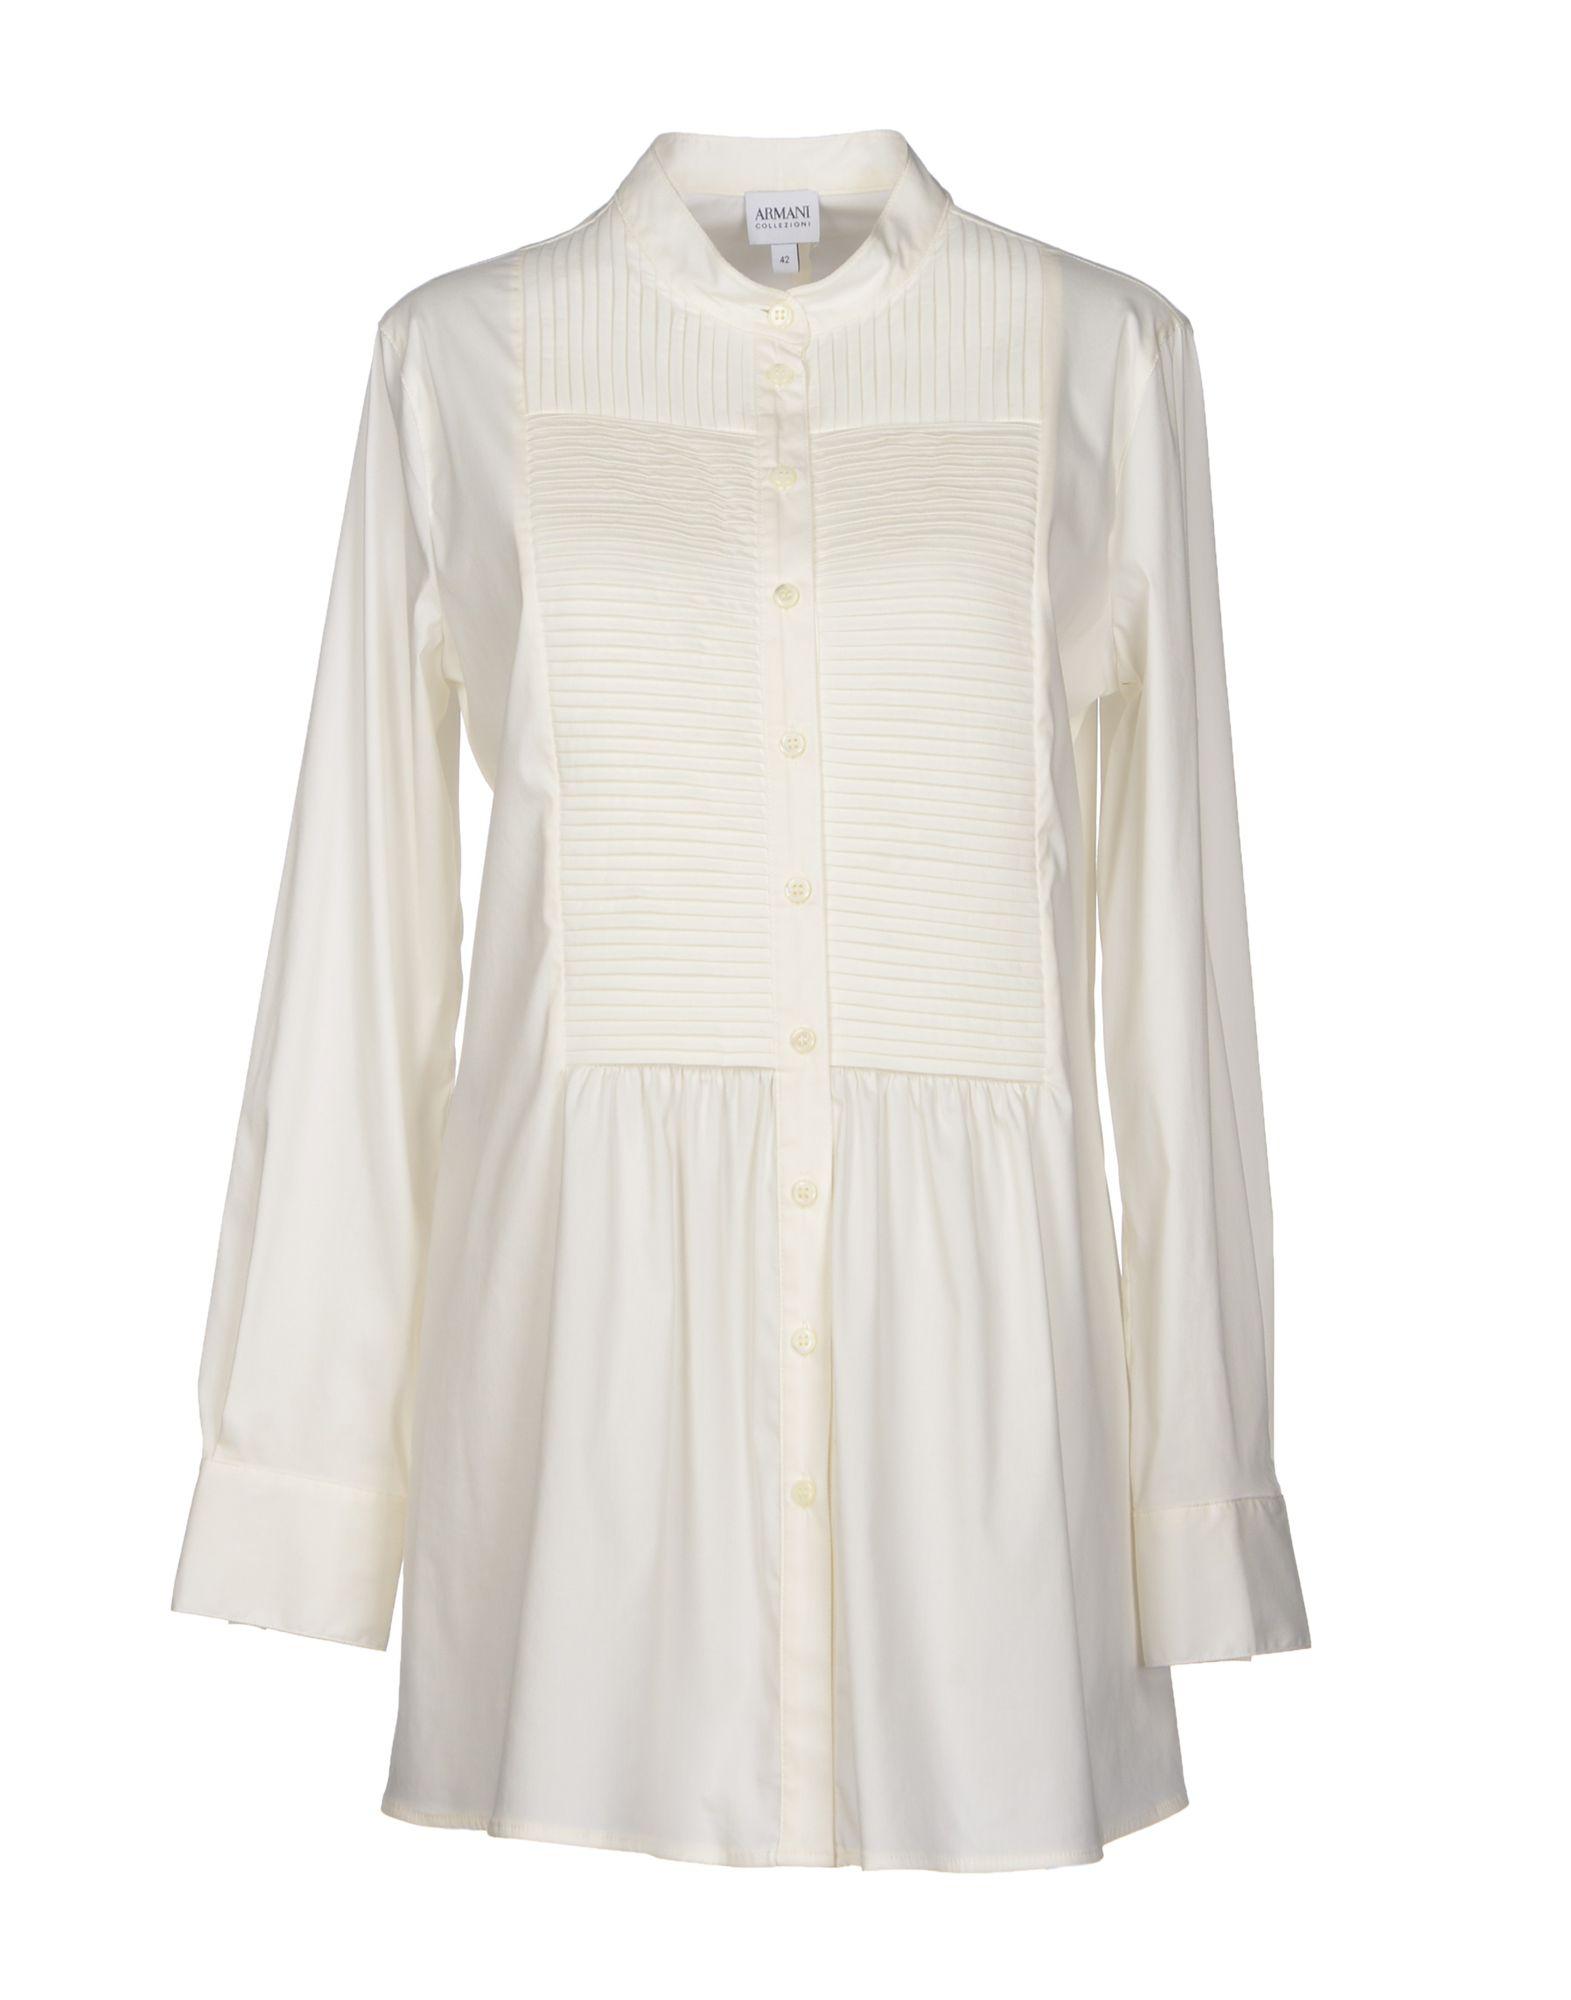 женская рубашка Armani 38405387ir AC женская рубашка armani 61i 1js018 2014 marni